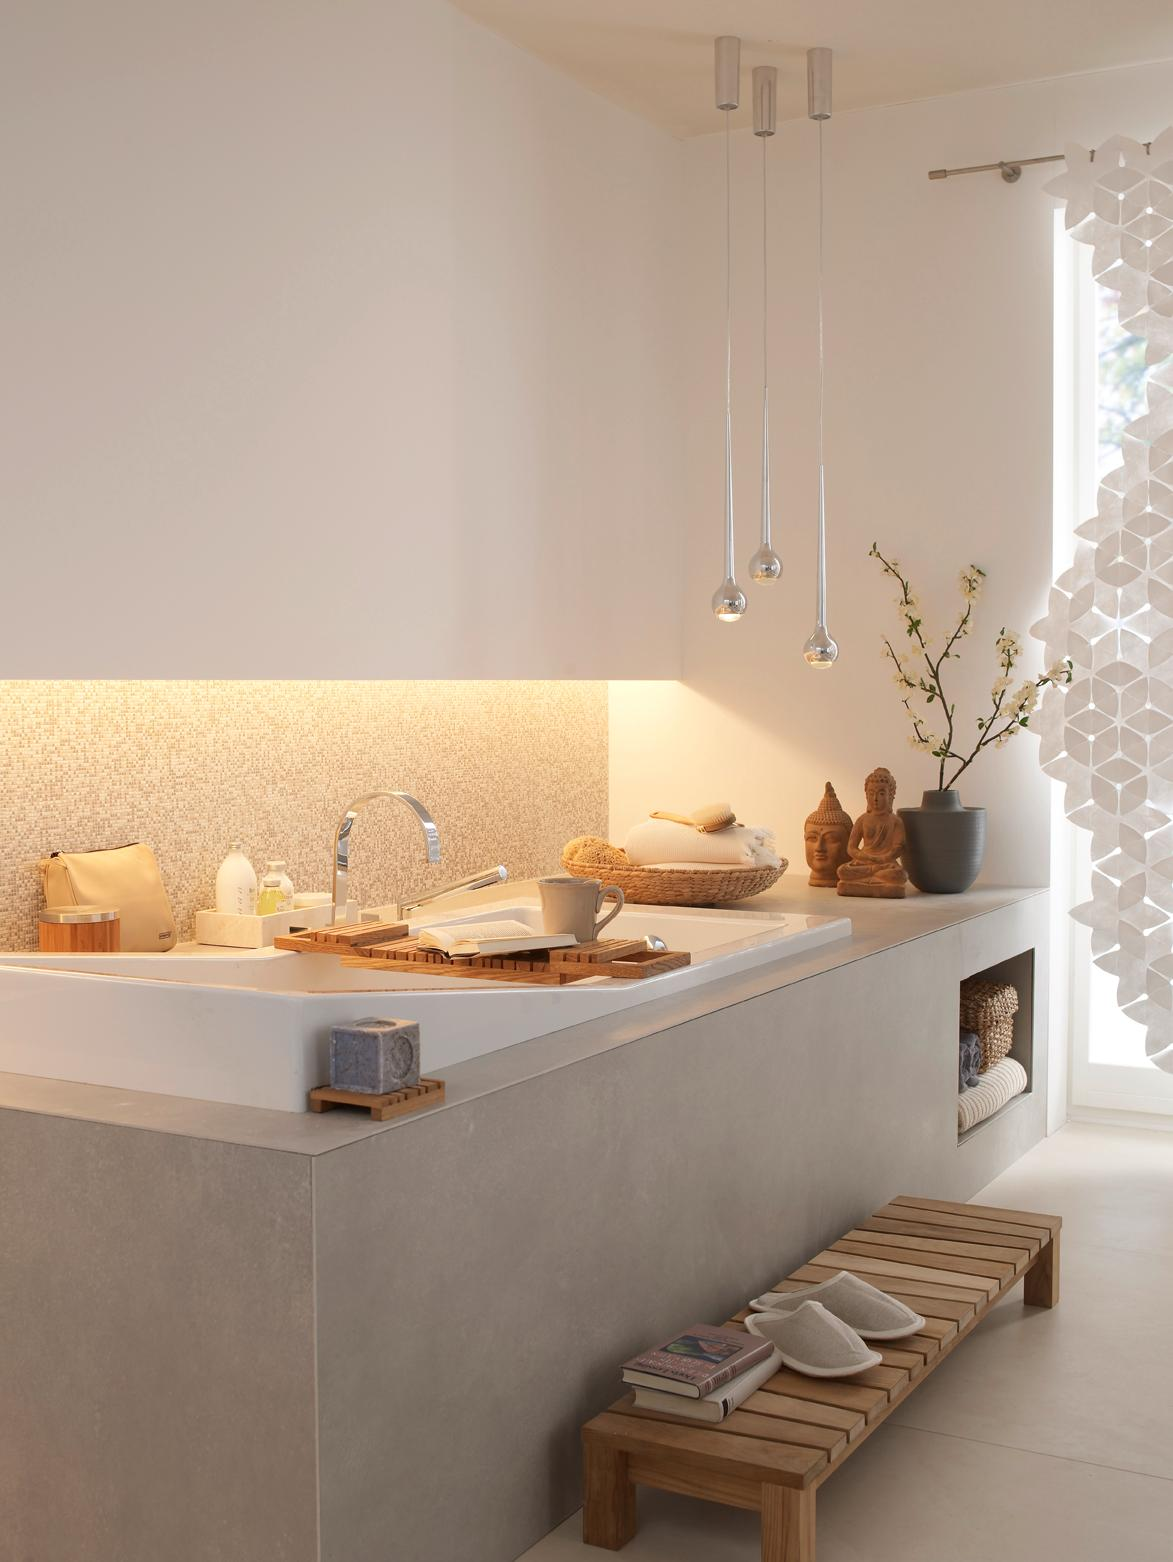 Pendelleuchte Bad purismus im bad badewanne pendelleuchte knutzen